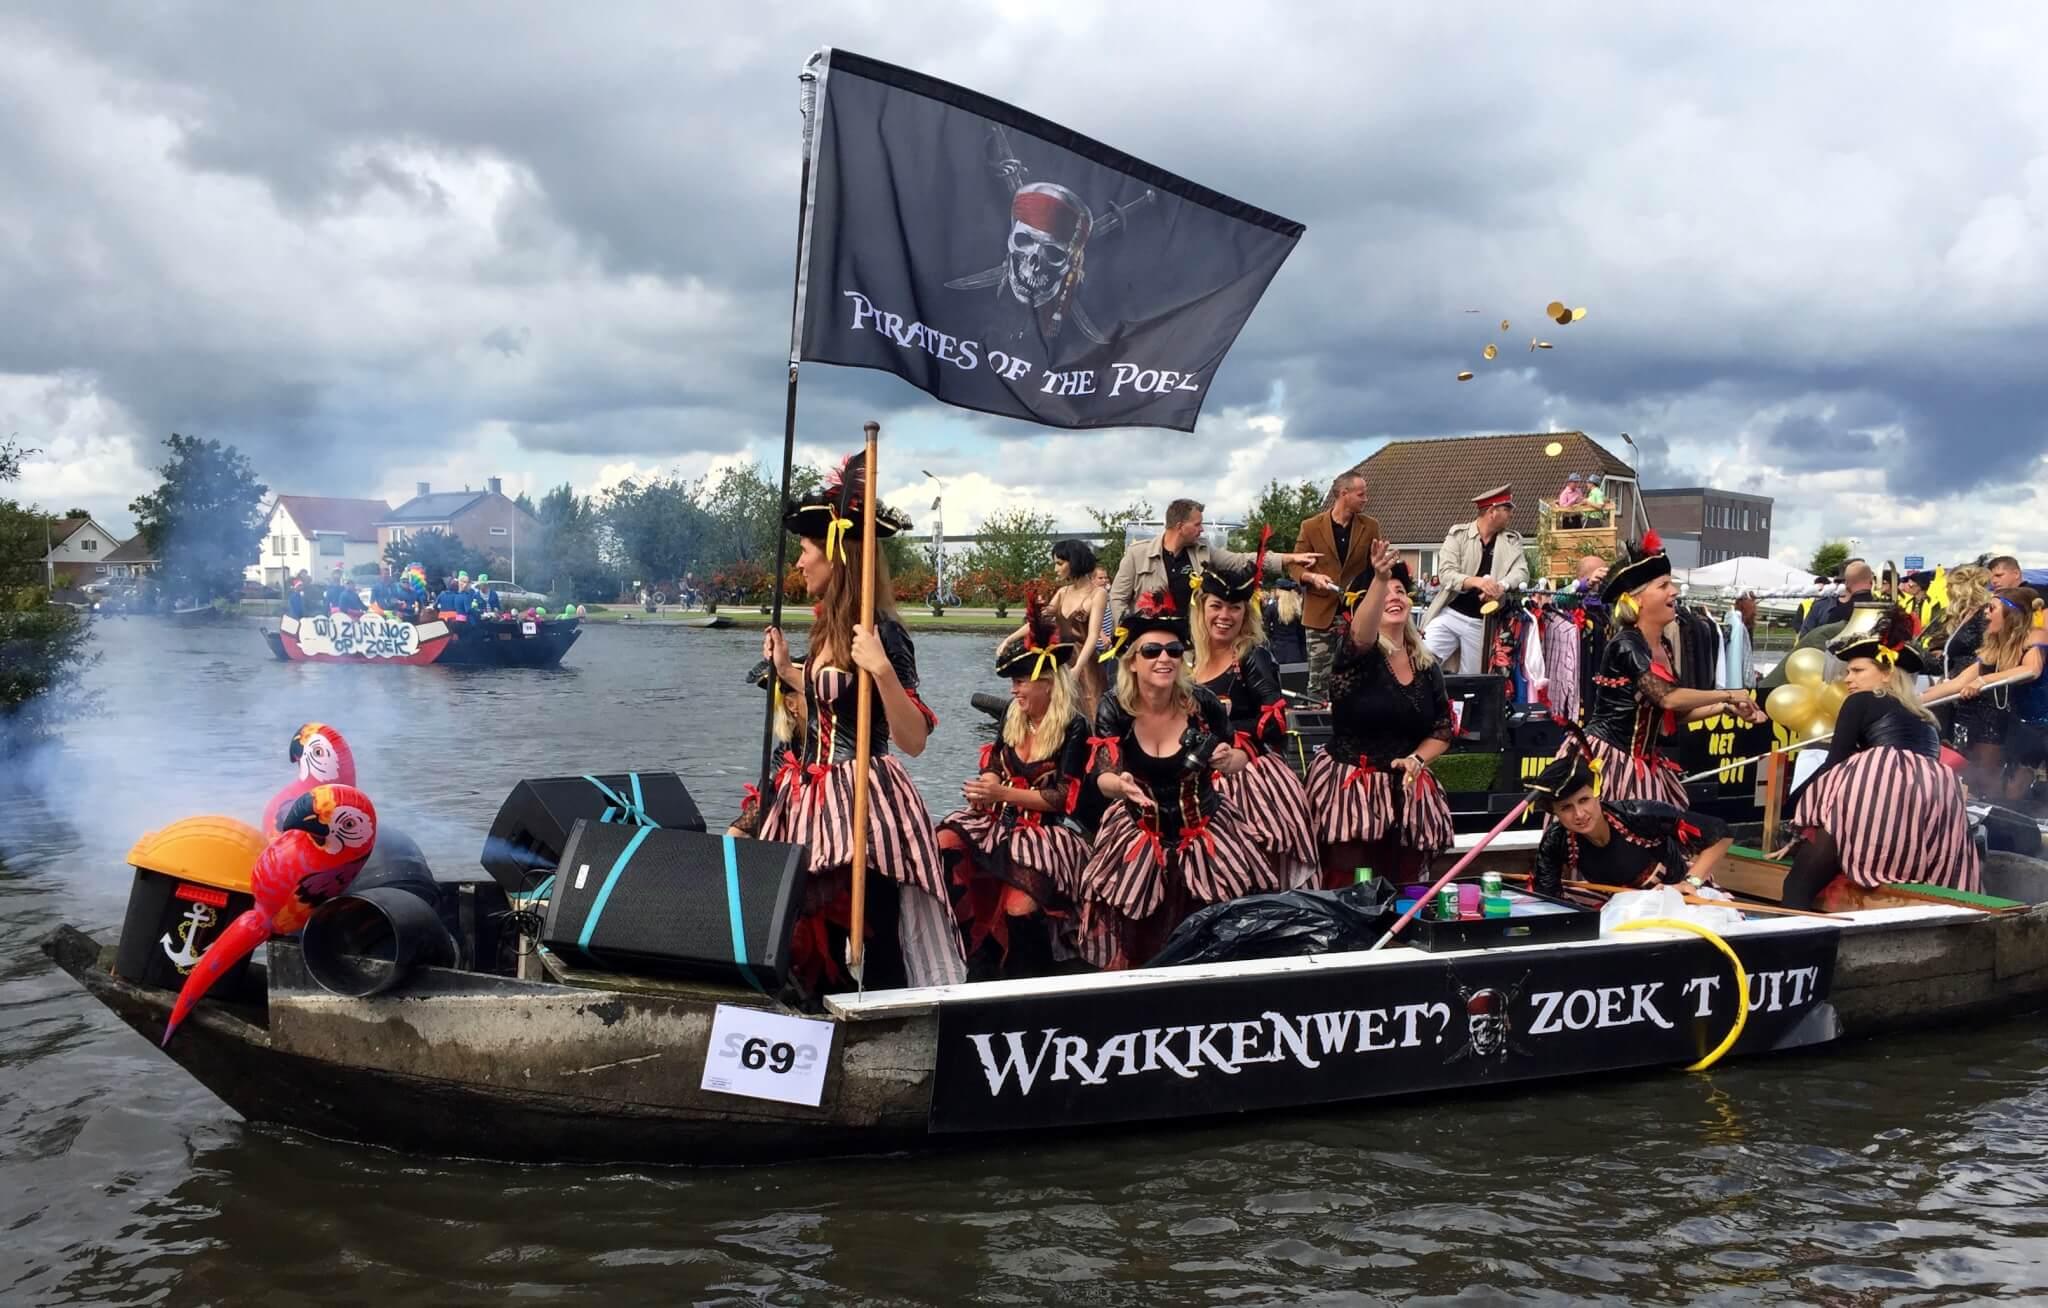 Pramenrace in Aalsmeer tijdens Feestweek Aalsmeer